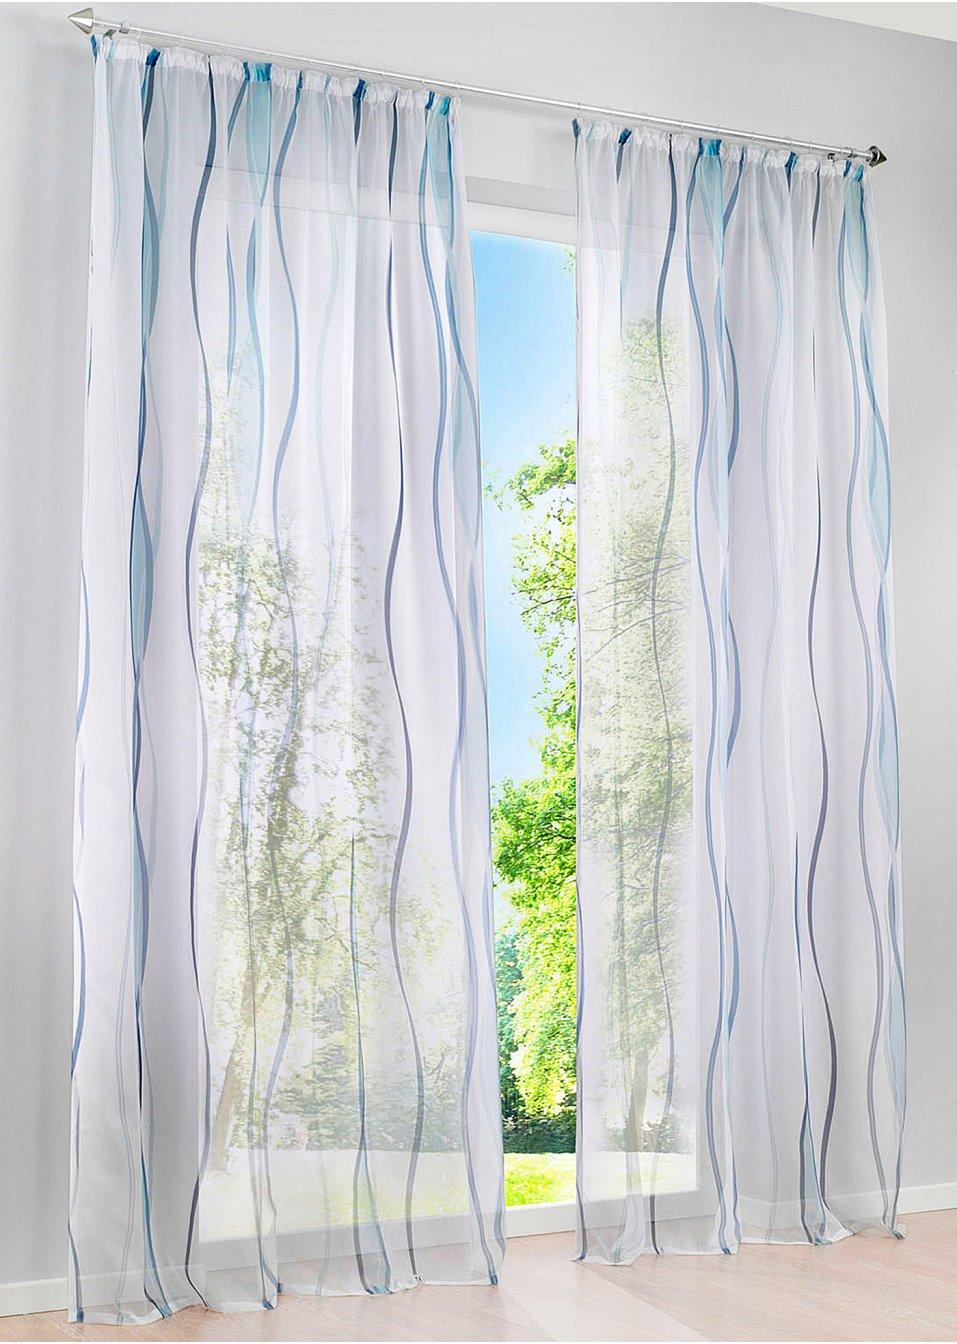 Full Size of Transparente Gardine In Zeitlosem Design Wei Blau Gardinen Schlafzimmer Scheibengardinen Küche Für Wohnzimmer Bonprix Betten Die Fenster Wohnzimmer Bonprix Gardinen